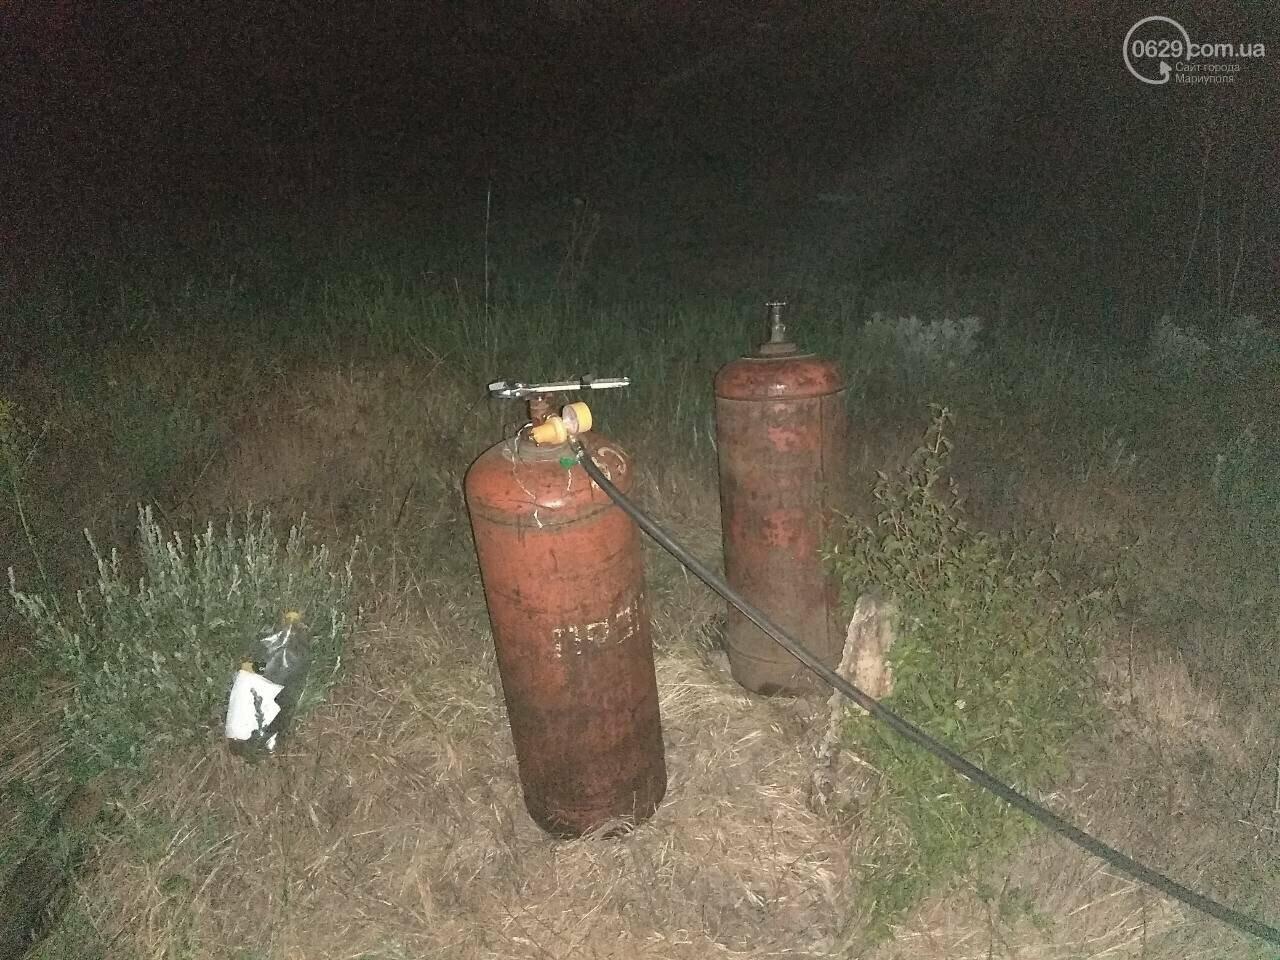 В Мариуполе сотрудники охранного предприятия задержали воров при попытке разобрать железнодорожное полотно, - ФОТО, фото-10